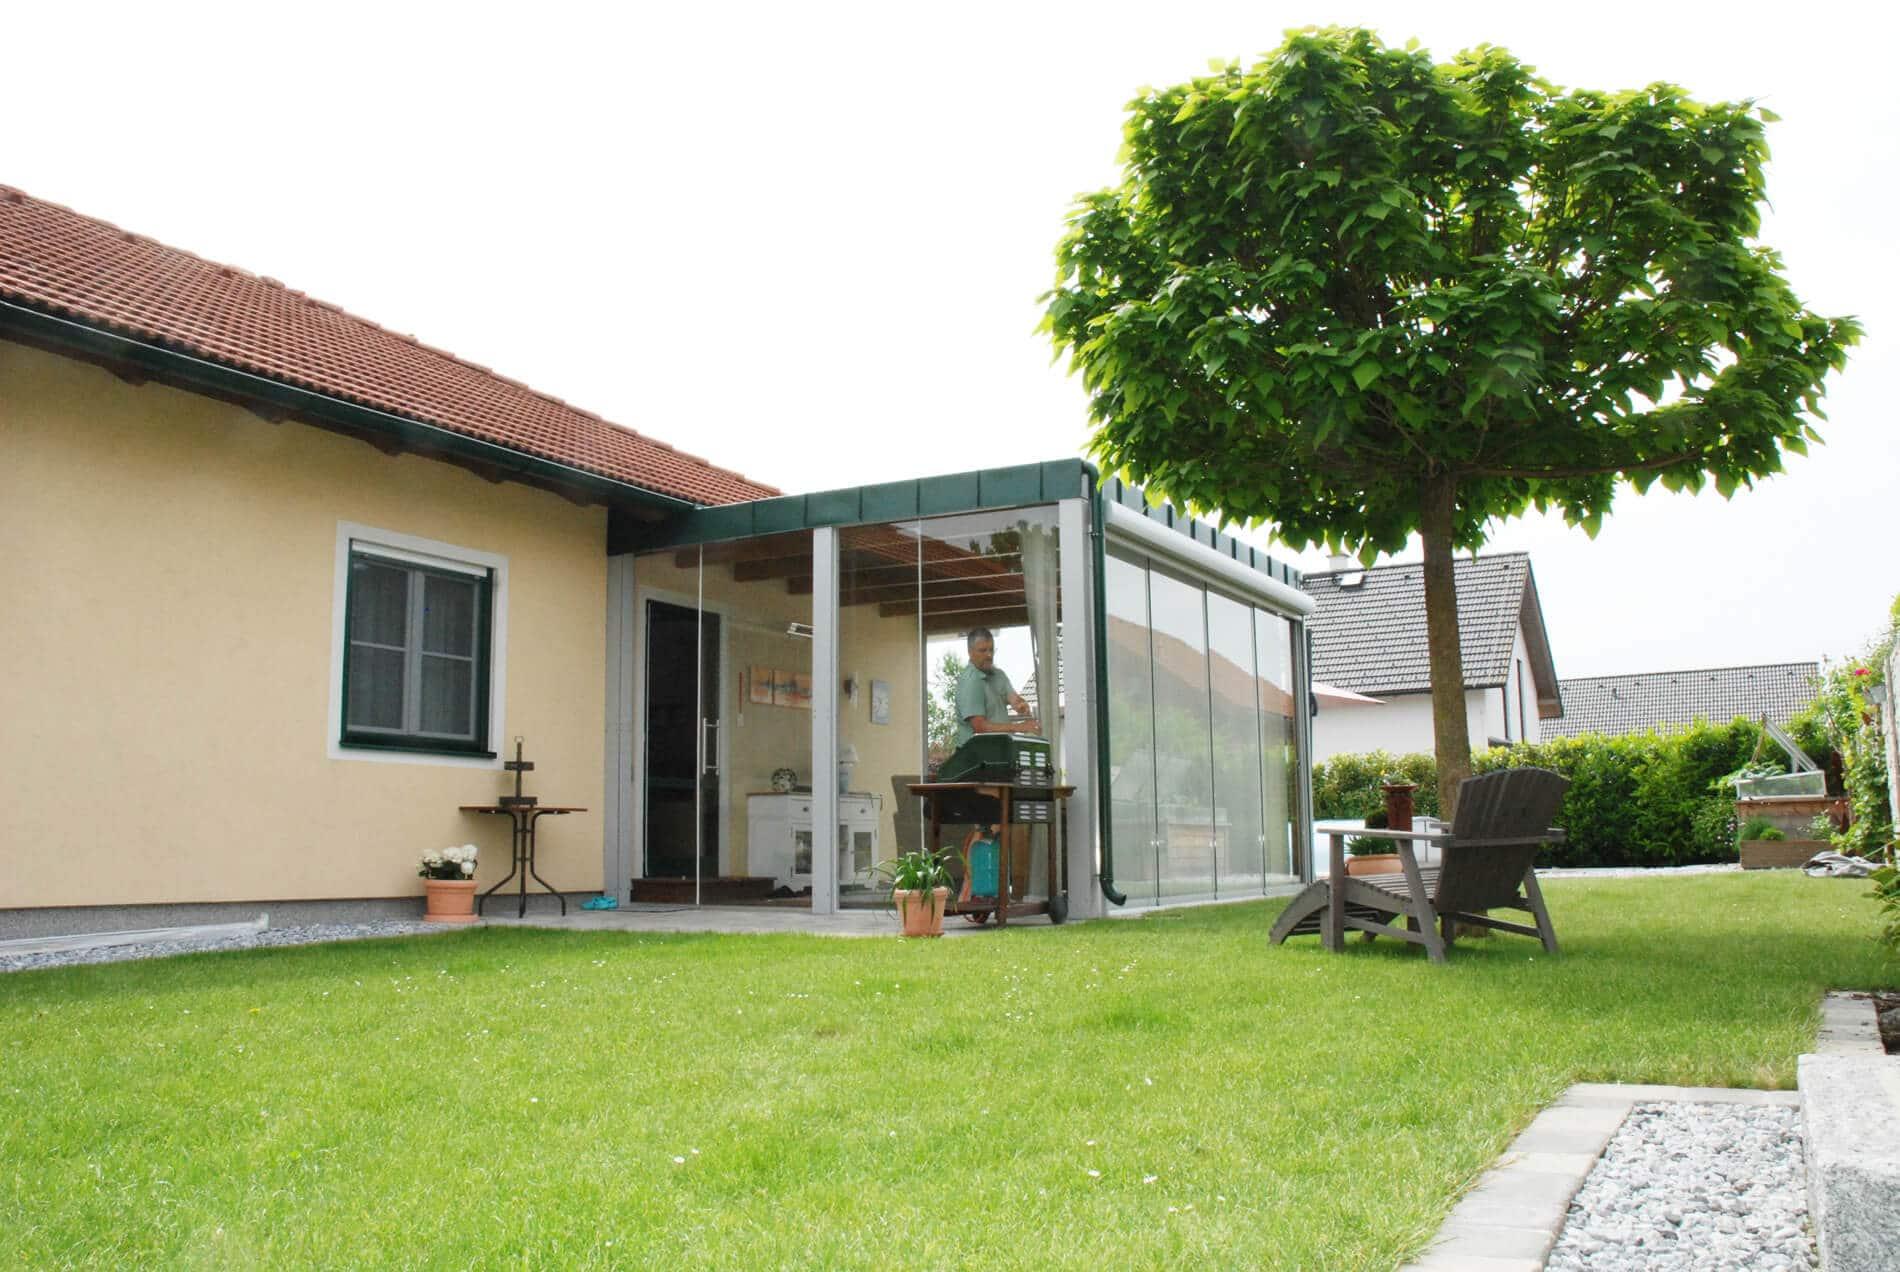 Wintergarten Anbau Holz Einfamilienhaus